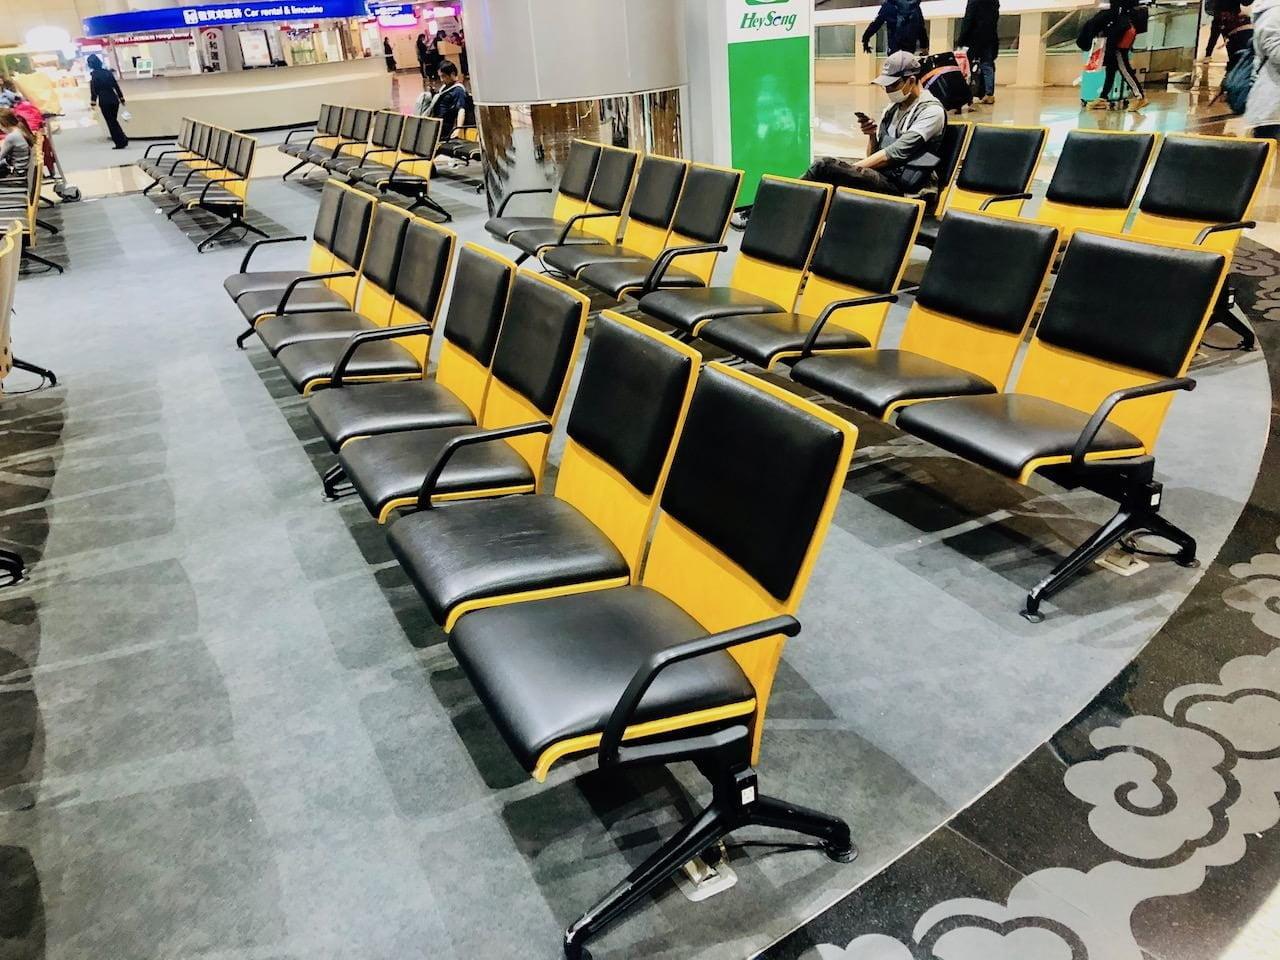 桃園空港第2ターミナル 1階 出迎えロビー